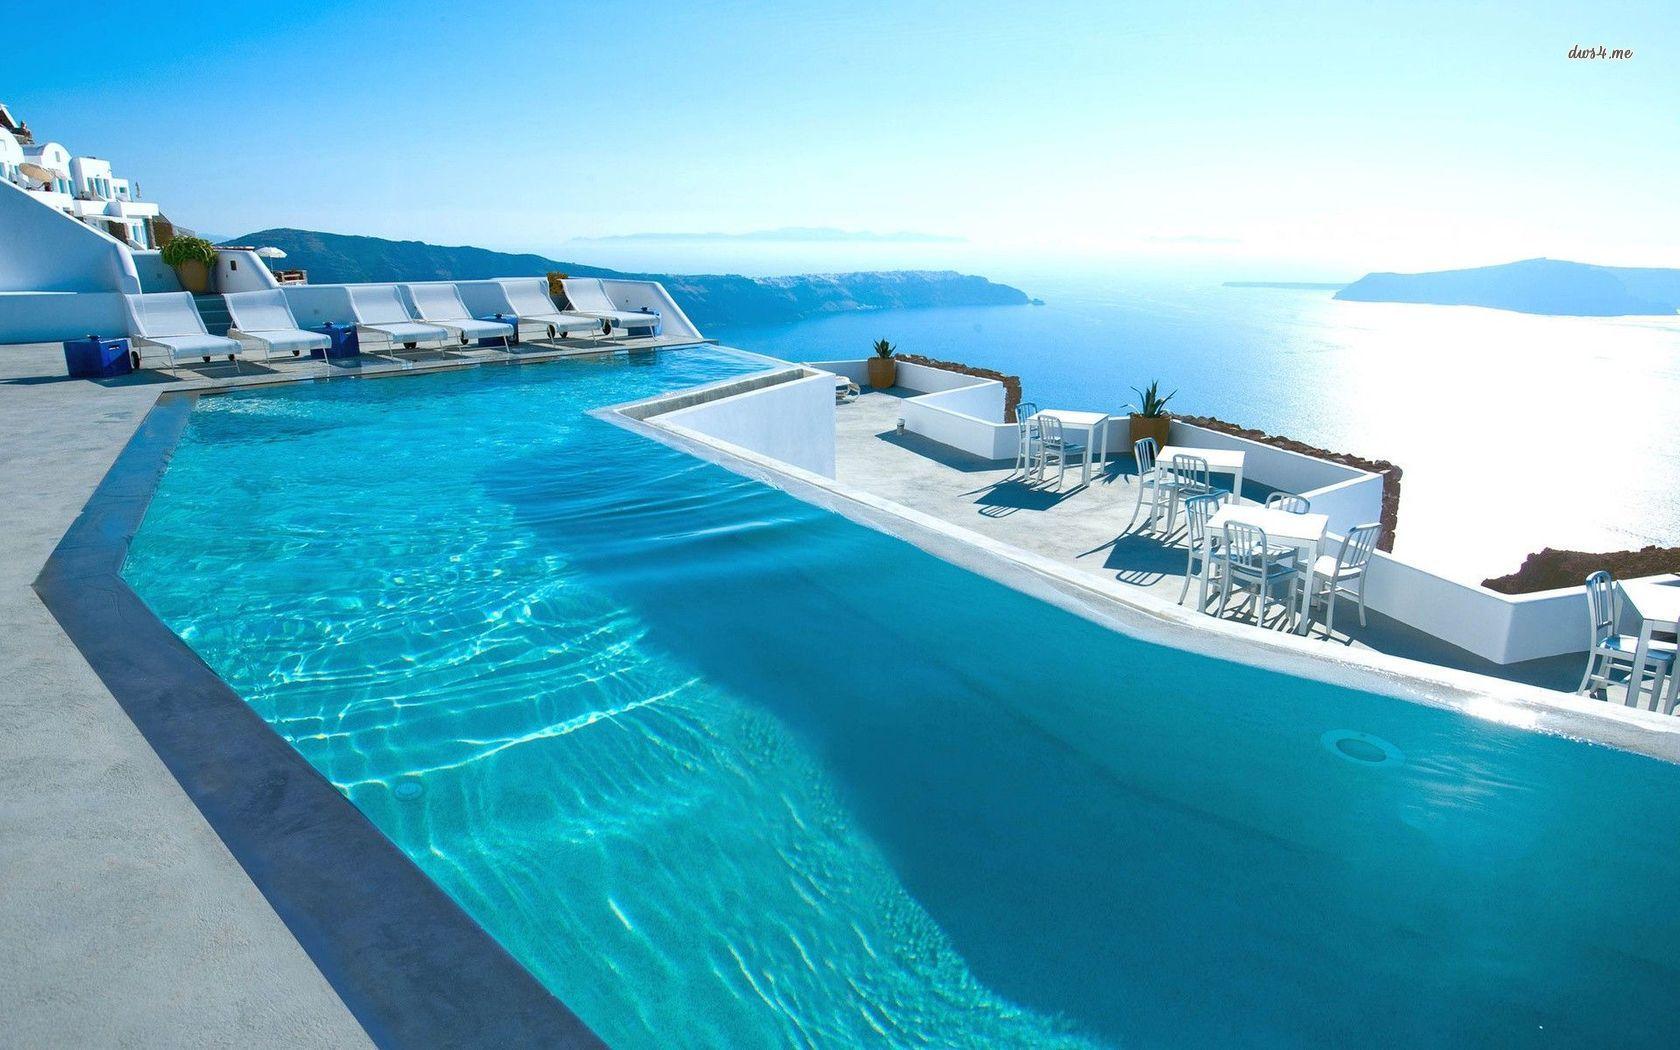 希腊圣托里尼格蕾丝度假村<br/>Grace Santorini